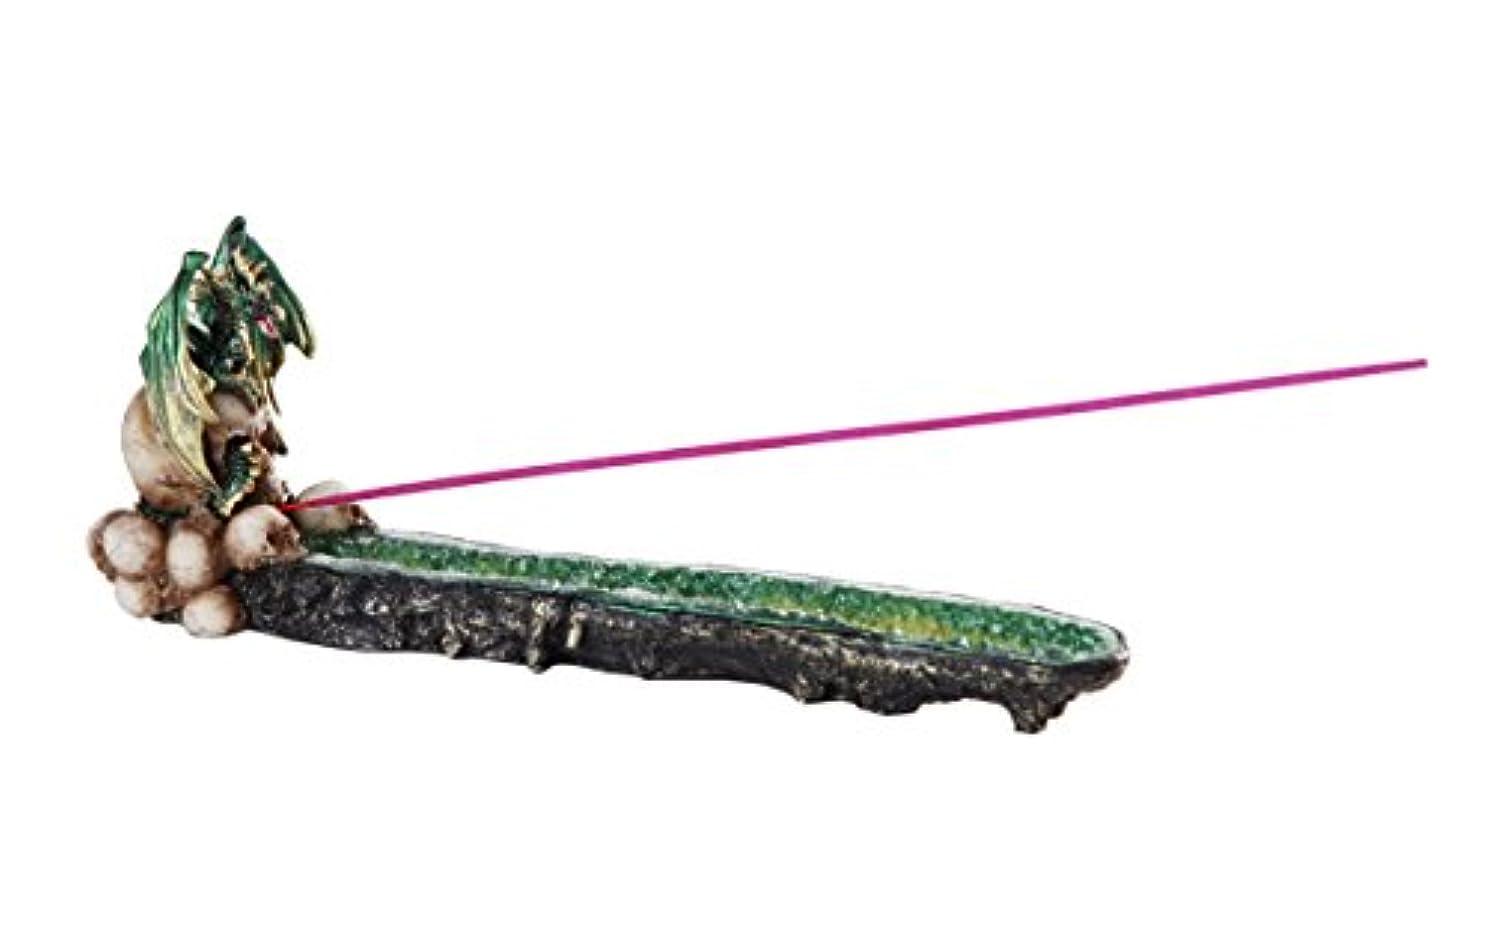 変動するメディカルアフリカ人グリーンドラゴンon Skull GemstoneクォーツStick Incense Burner中世ファンタジー10.75インチL